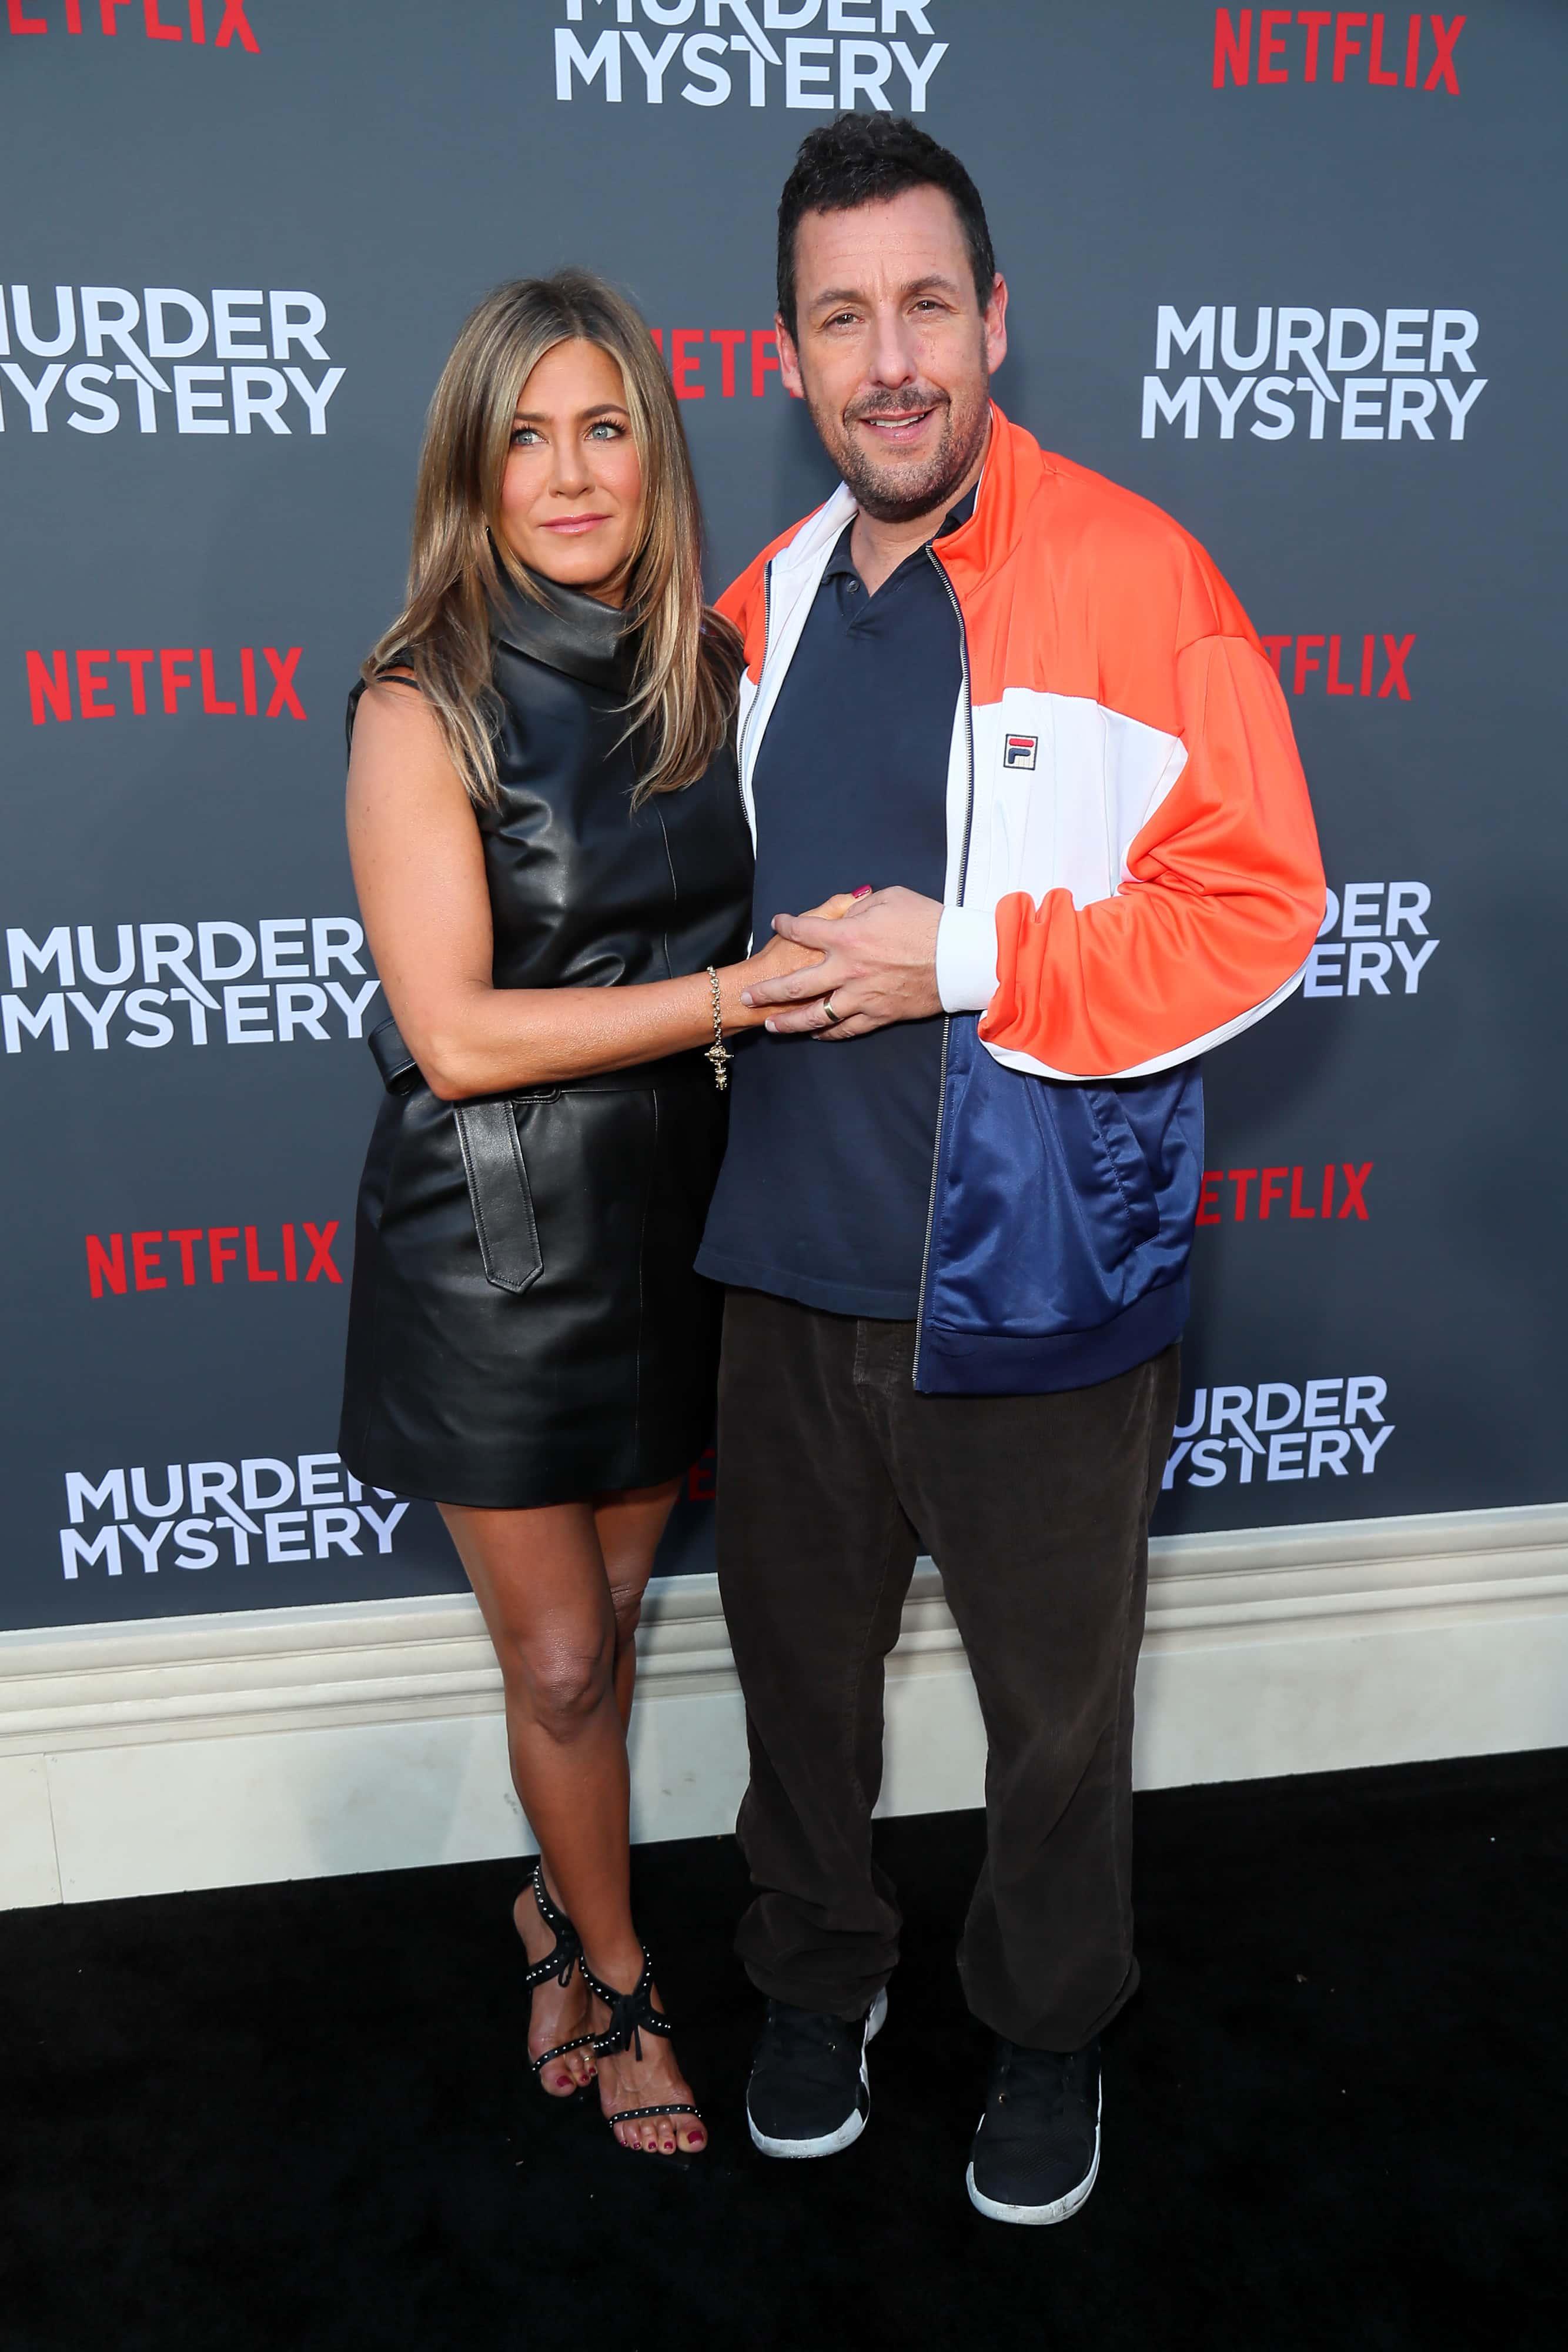 Murder Mystery: Jennifer Aniston, Adam Sandler starrer marks